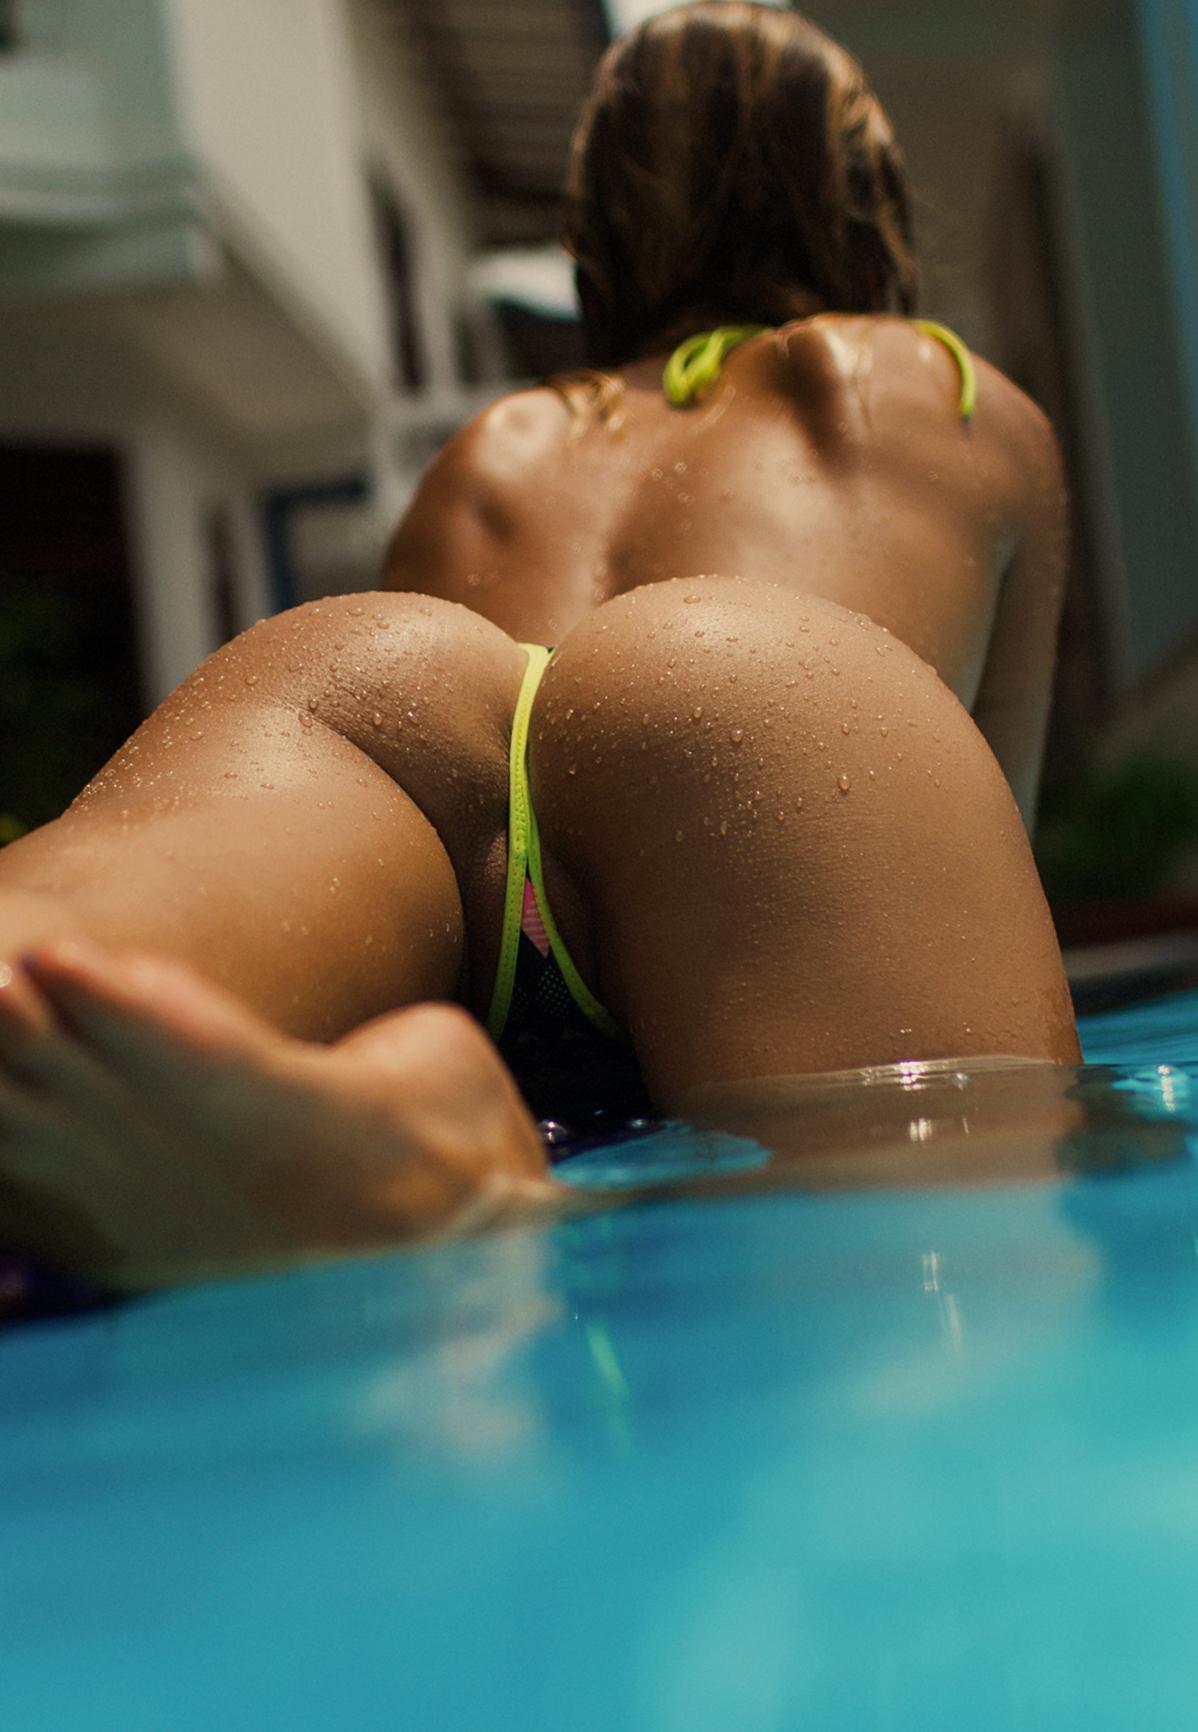 【ウェットエロ画像】水があるだけで違う!濡れて卑猥さを増した女の肉体www 09